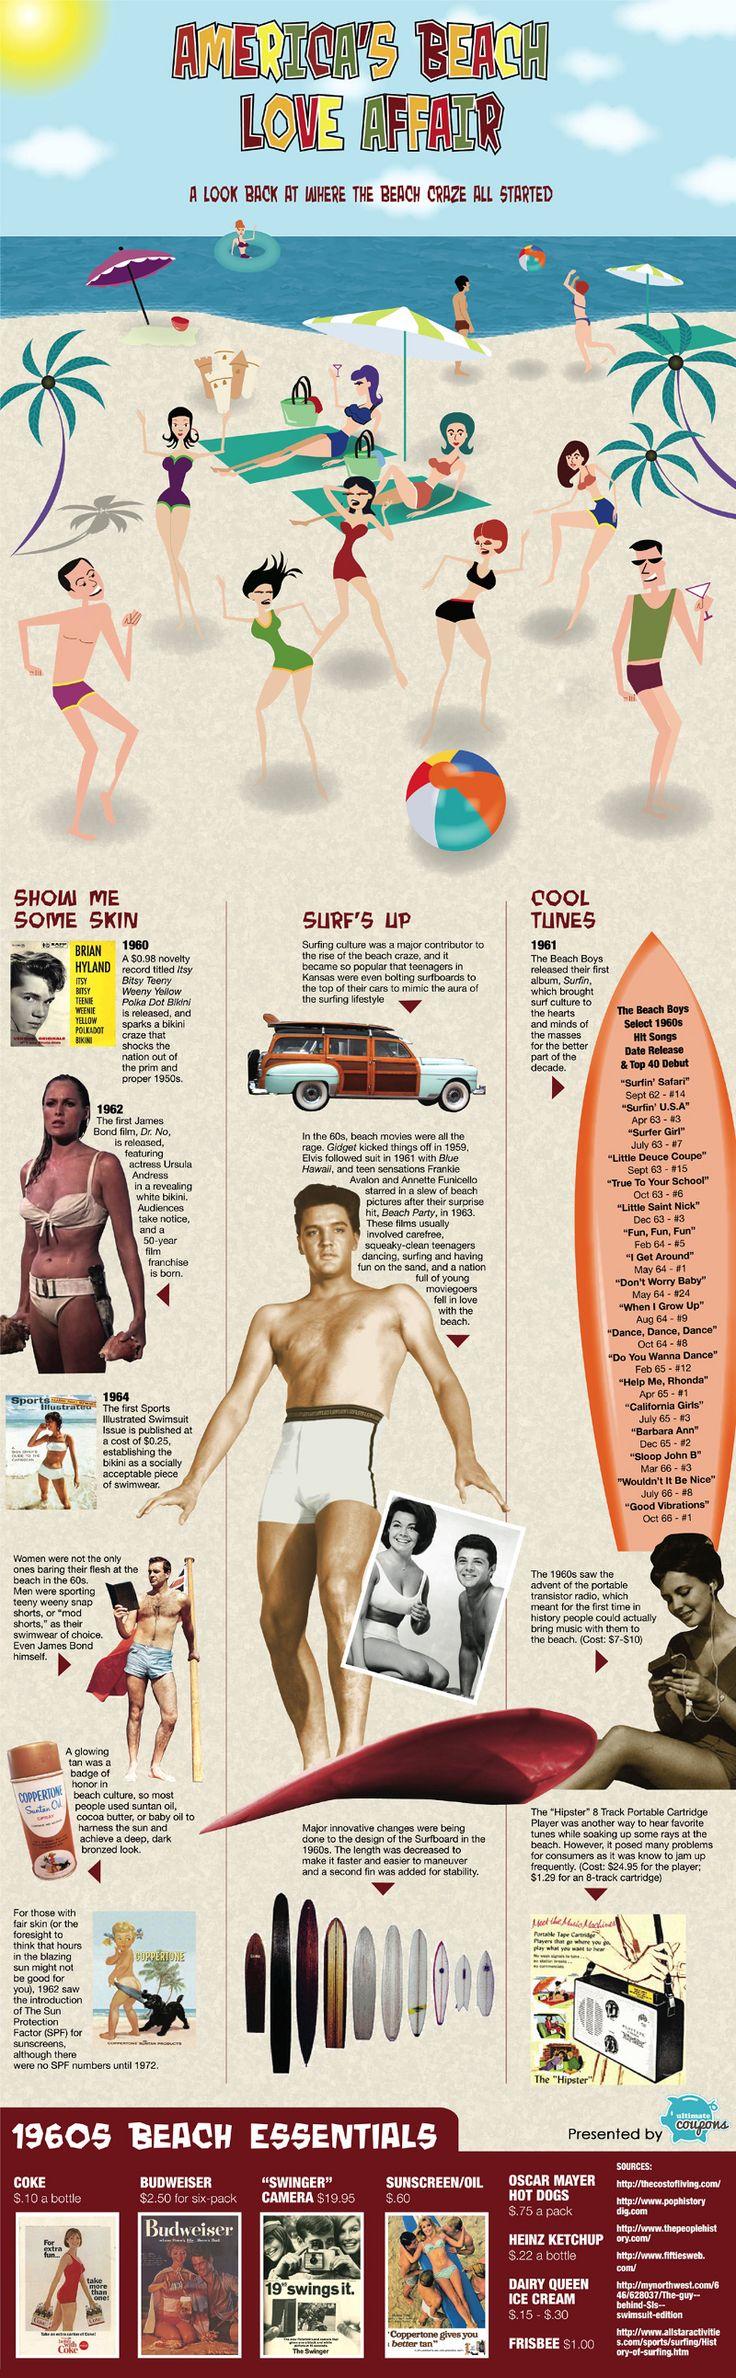 Beach Love Affair Infographic, Beach Boys, the 60's and a list of 37 beachy phrases